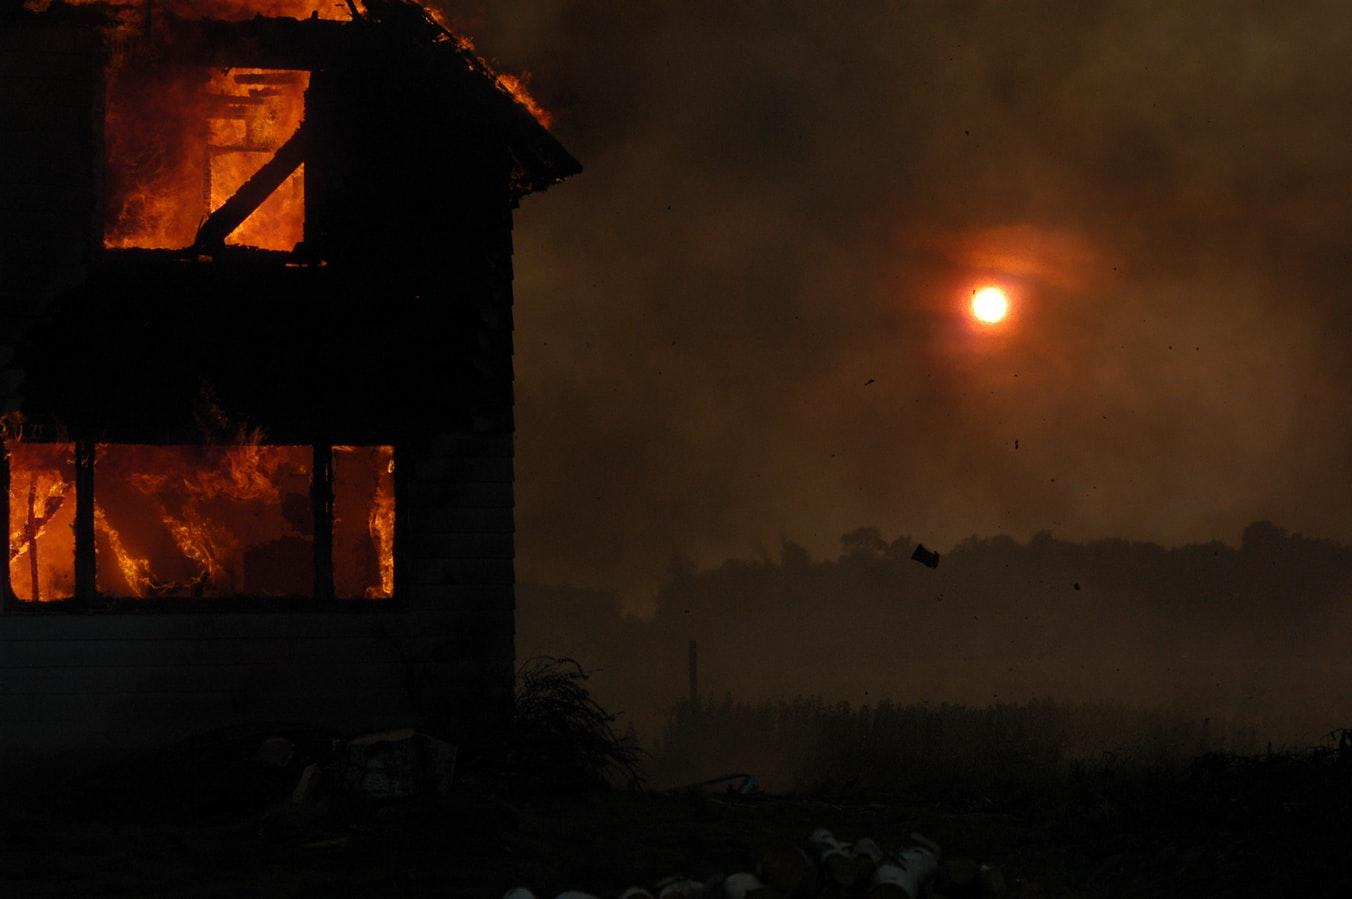 Blaze Totals Utah Cabin, Loss Estimated at $2M